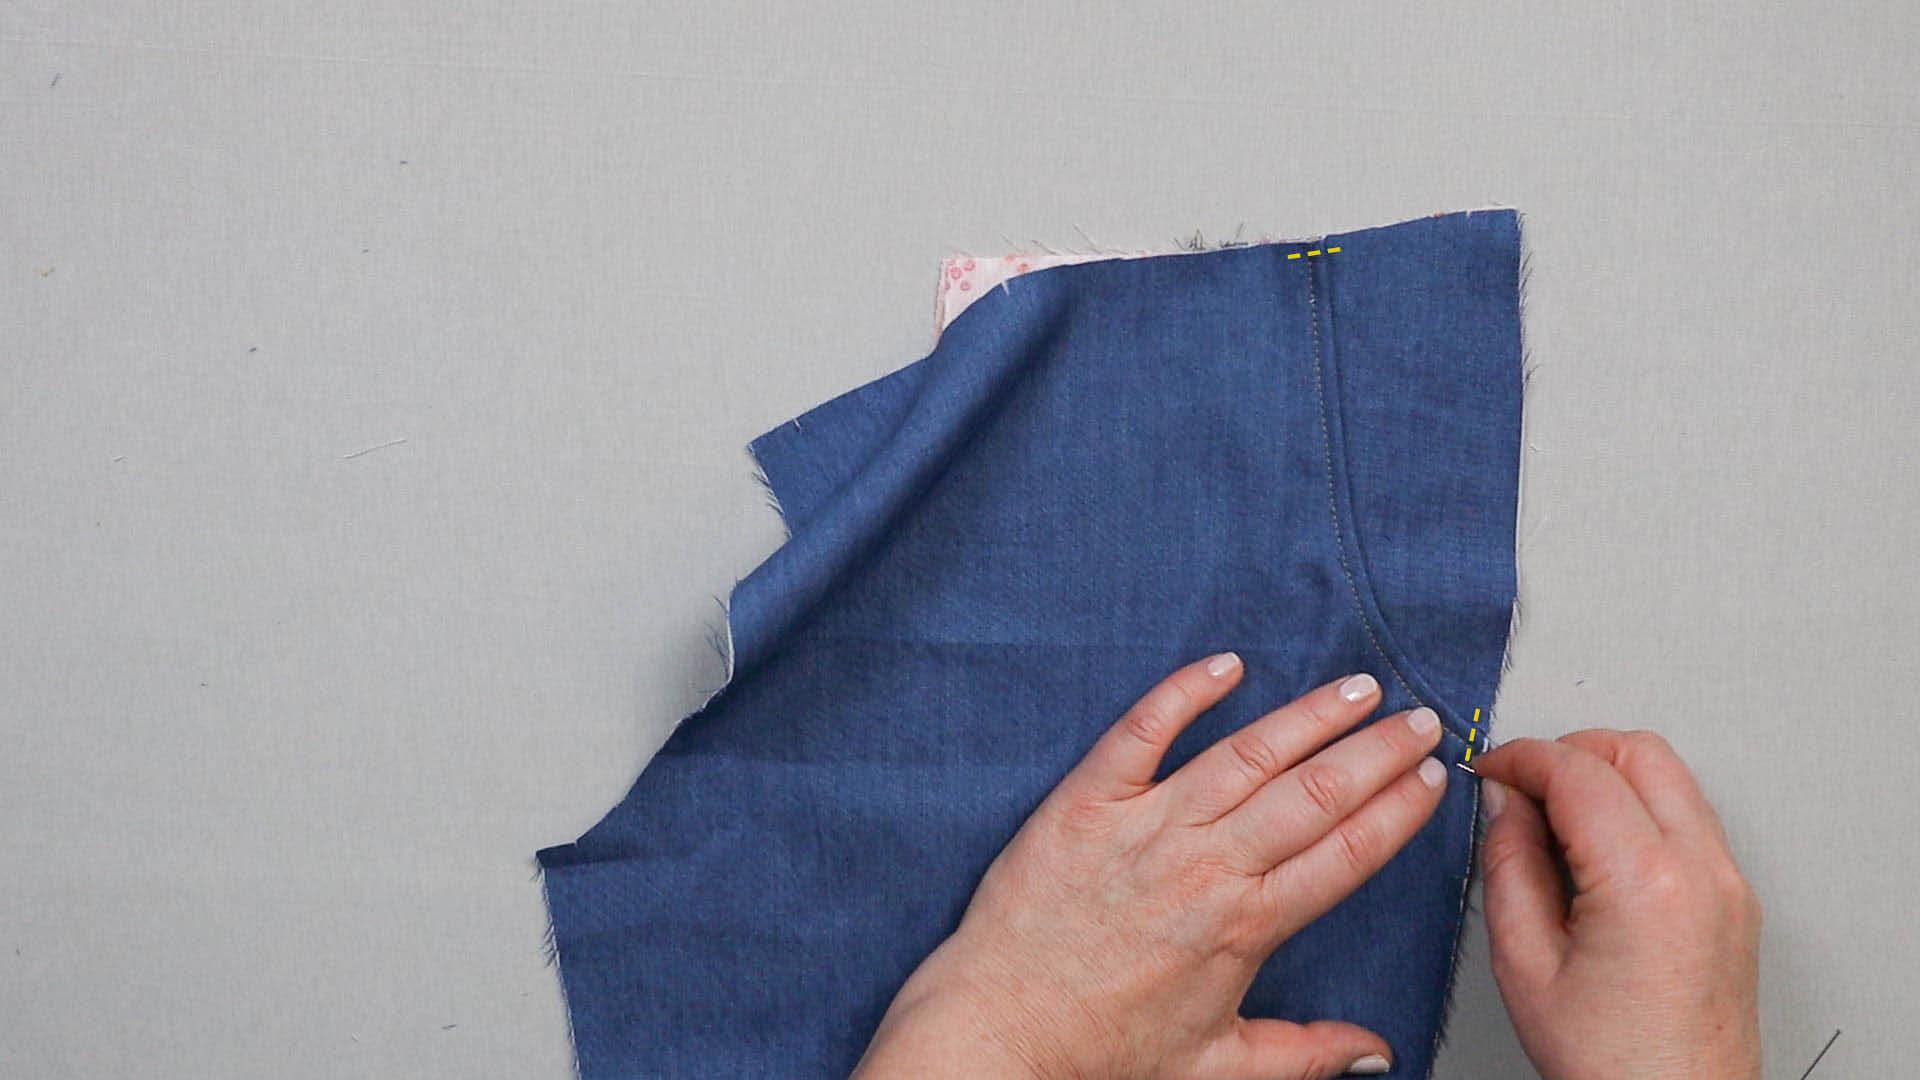 Tascheneingriff auf unterem Taschenbeutel feststecken und fixieren